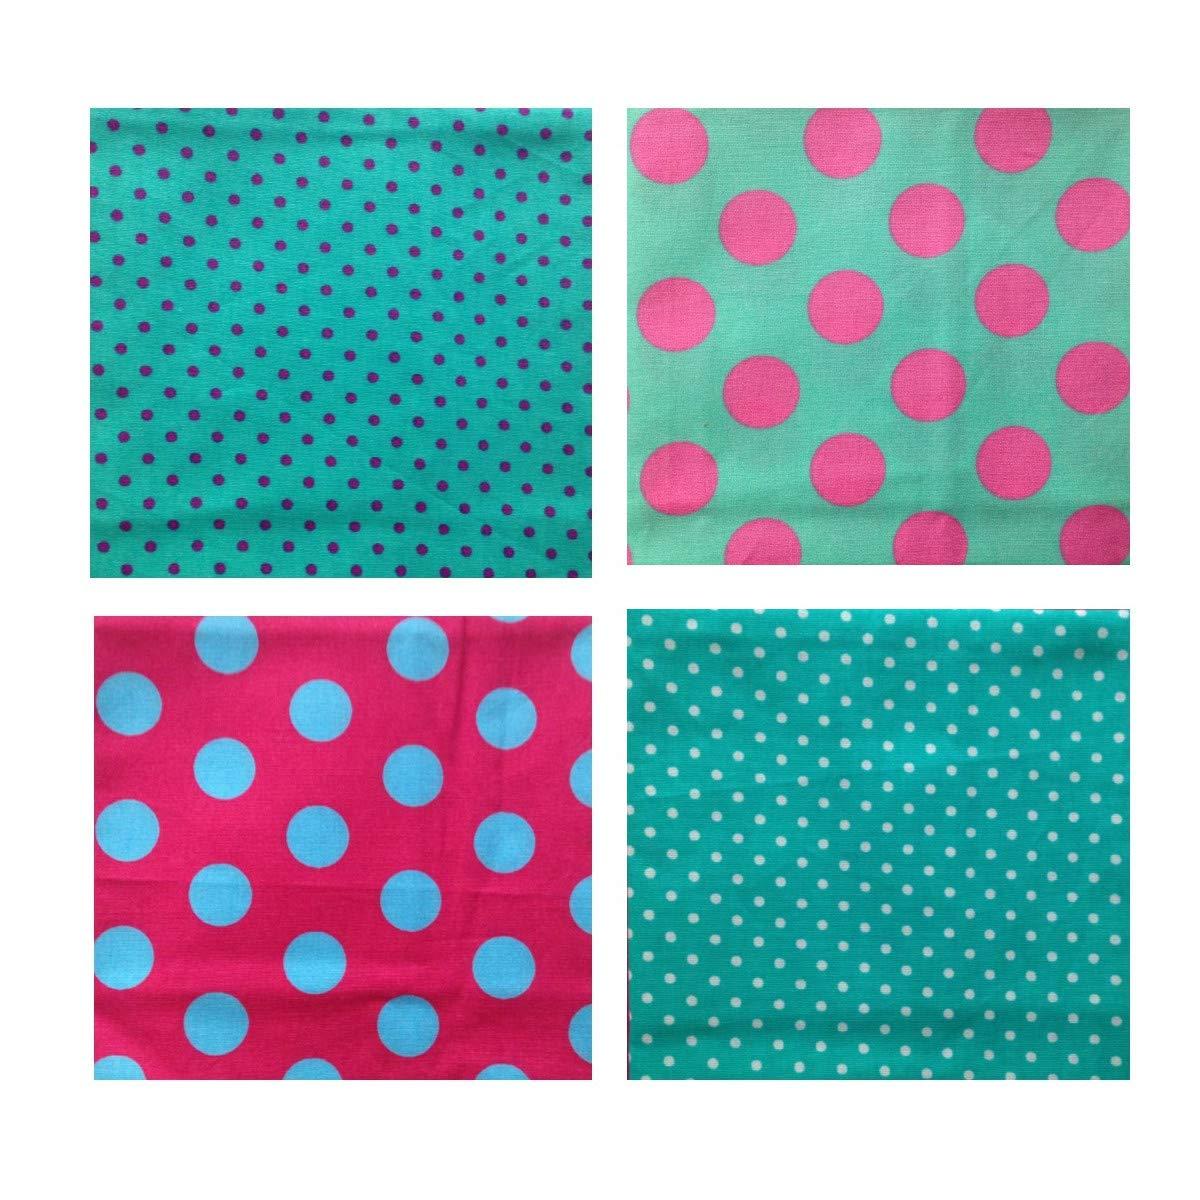 Unique Boutique - Vier gepunktete Stofftaschentü cher Herren Damen pink tü rkis grü n Taschentuch groß e kleine Punkte